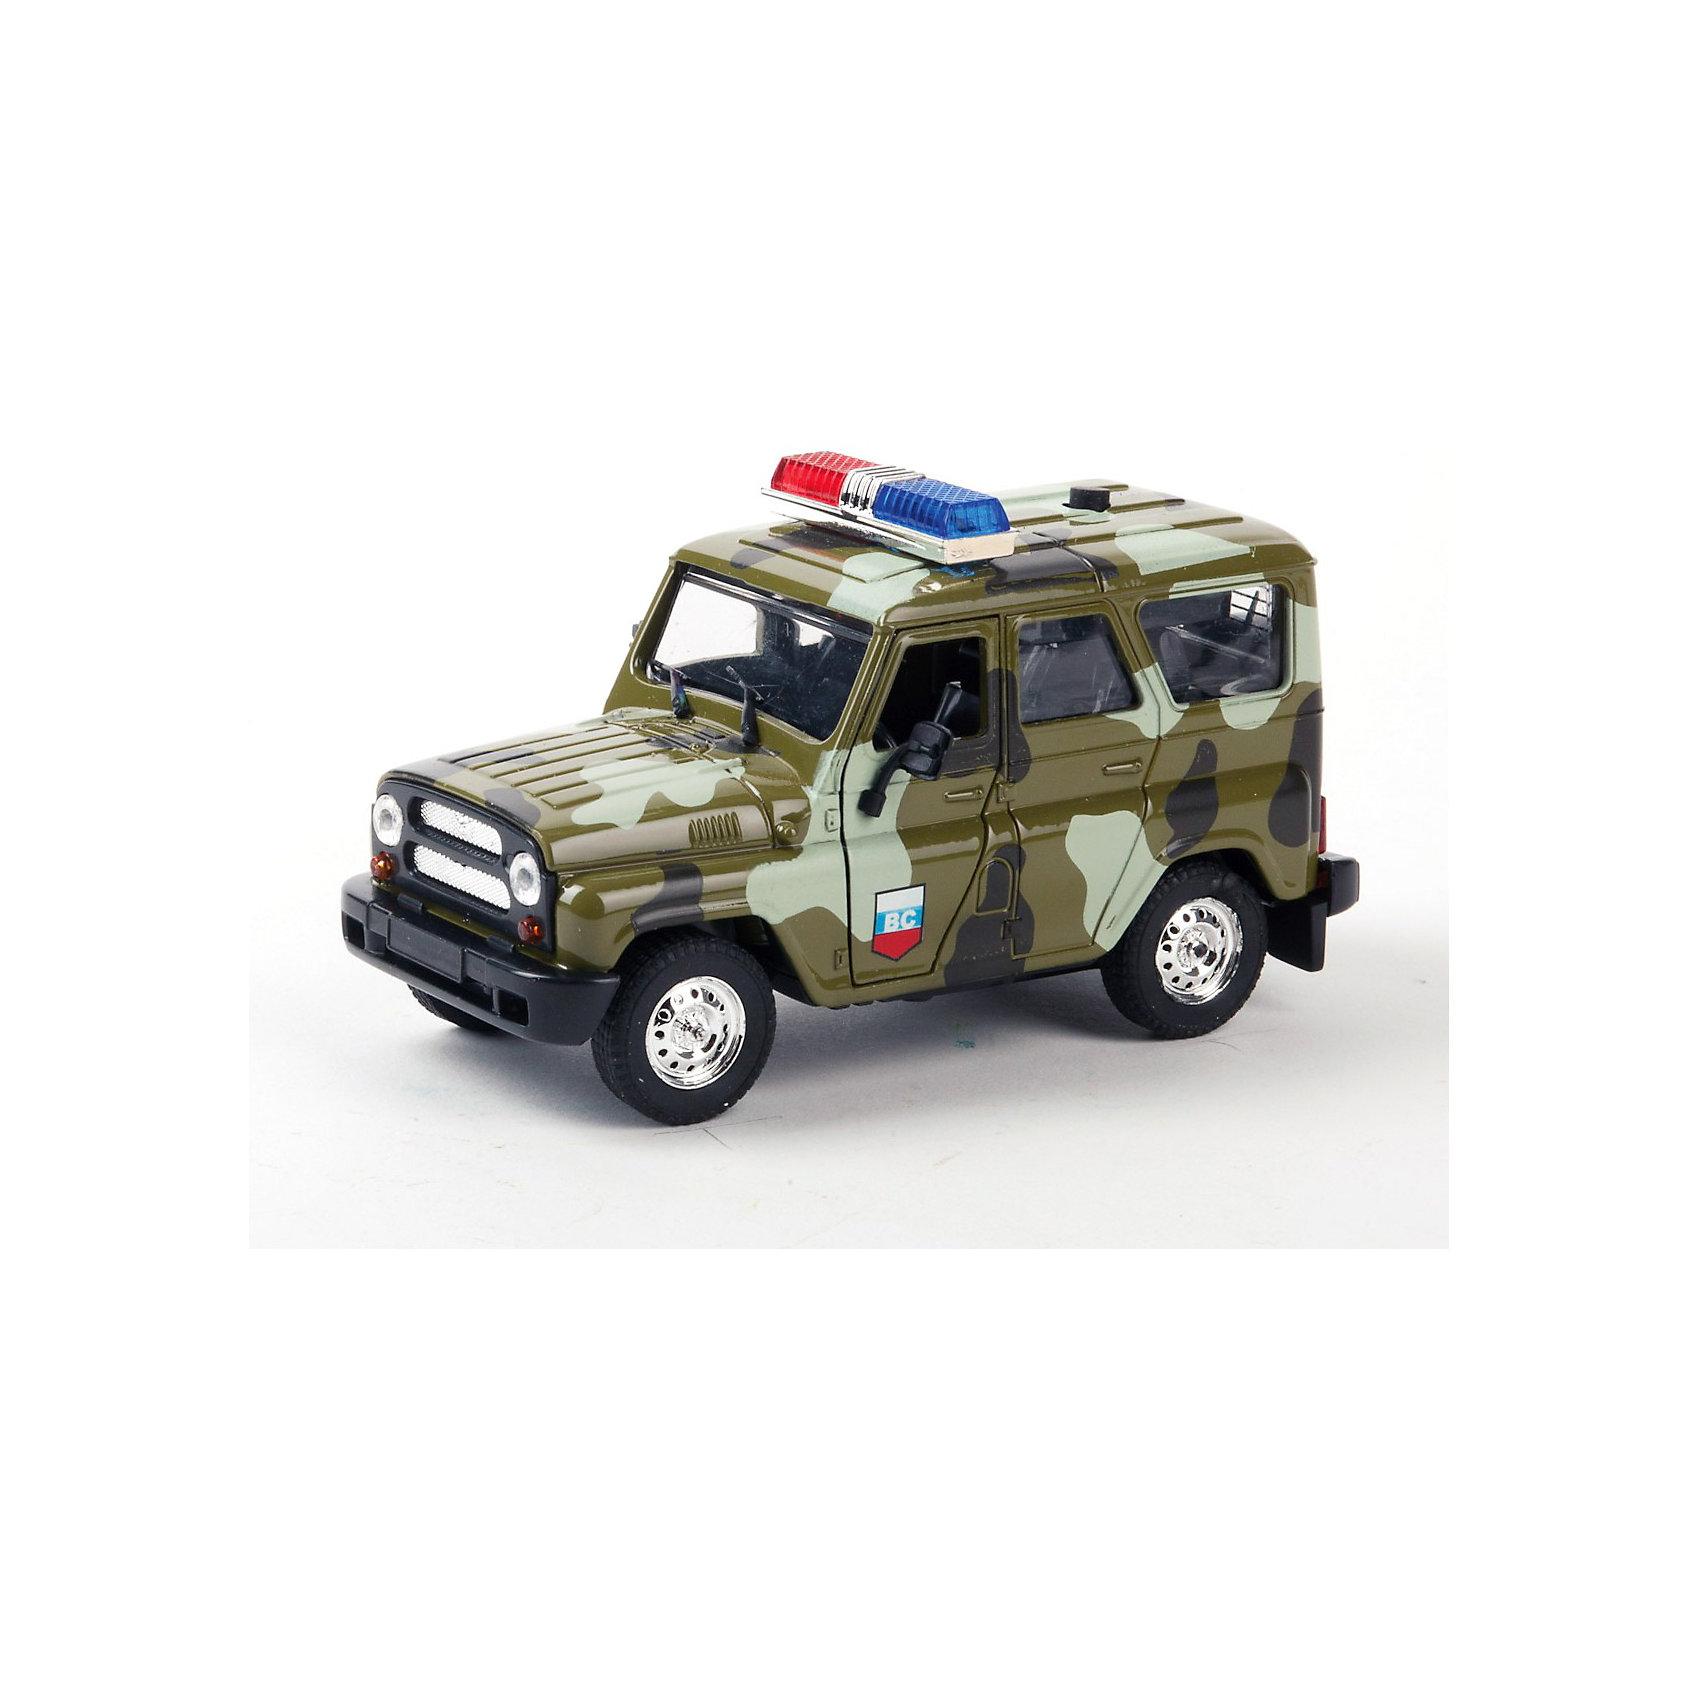 ТЕХНОПАРК Машина УАЗ hunter военная, с сиреной и мигалкамиВоенный транспорт<br>Интересная инерционная игрушка - реалистичная копия настоящего военного джипа УАЗ hunter . C  сиреной, мигалками (световыми и звуковыми эффектами) и с открывающимися (подвижными) элементами, этот автомобиль наверняка понравится Вашему ребенку.<br><br>ТЕХНОПАРК - российский бренд, под которым разрабатываются и выпускаются качественные современные игрушки для мальчиков.  Прежде всего, это копии моделей реальных технических средств: автомобилей, самолетов и вертолетов, военной и гражданской техники. Довольно часто - это игрушки с звуковыми и световыми эффектами и разнообразными подвижнымиэлементами. Тщательная проработка каждой детали этих игрушек позволяет говорить о них также как о ценных моделях, которые могут занять достойное место на полках коллекционеров. <br><br>Дополнительная информация:<br><br>- Инерционный механизм,  открываются багажник и  передние двери.<br>- Свет и звук.<br><br>Ширина мм: 70<br>Глубина мм: 80<br>Высота мм: 140<br>Вес г: 240<br>Возраст от месяцев: 18<br>Возраст до месяцев: 1188<br>Пол: Мужской<br>Возраст: Детский<br>SKU: 3261694